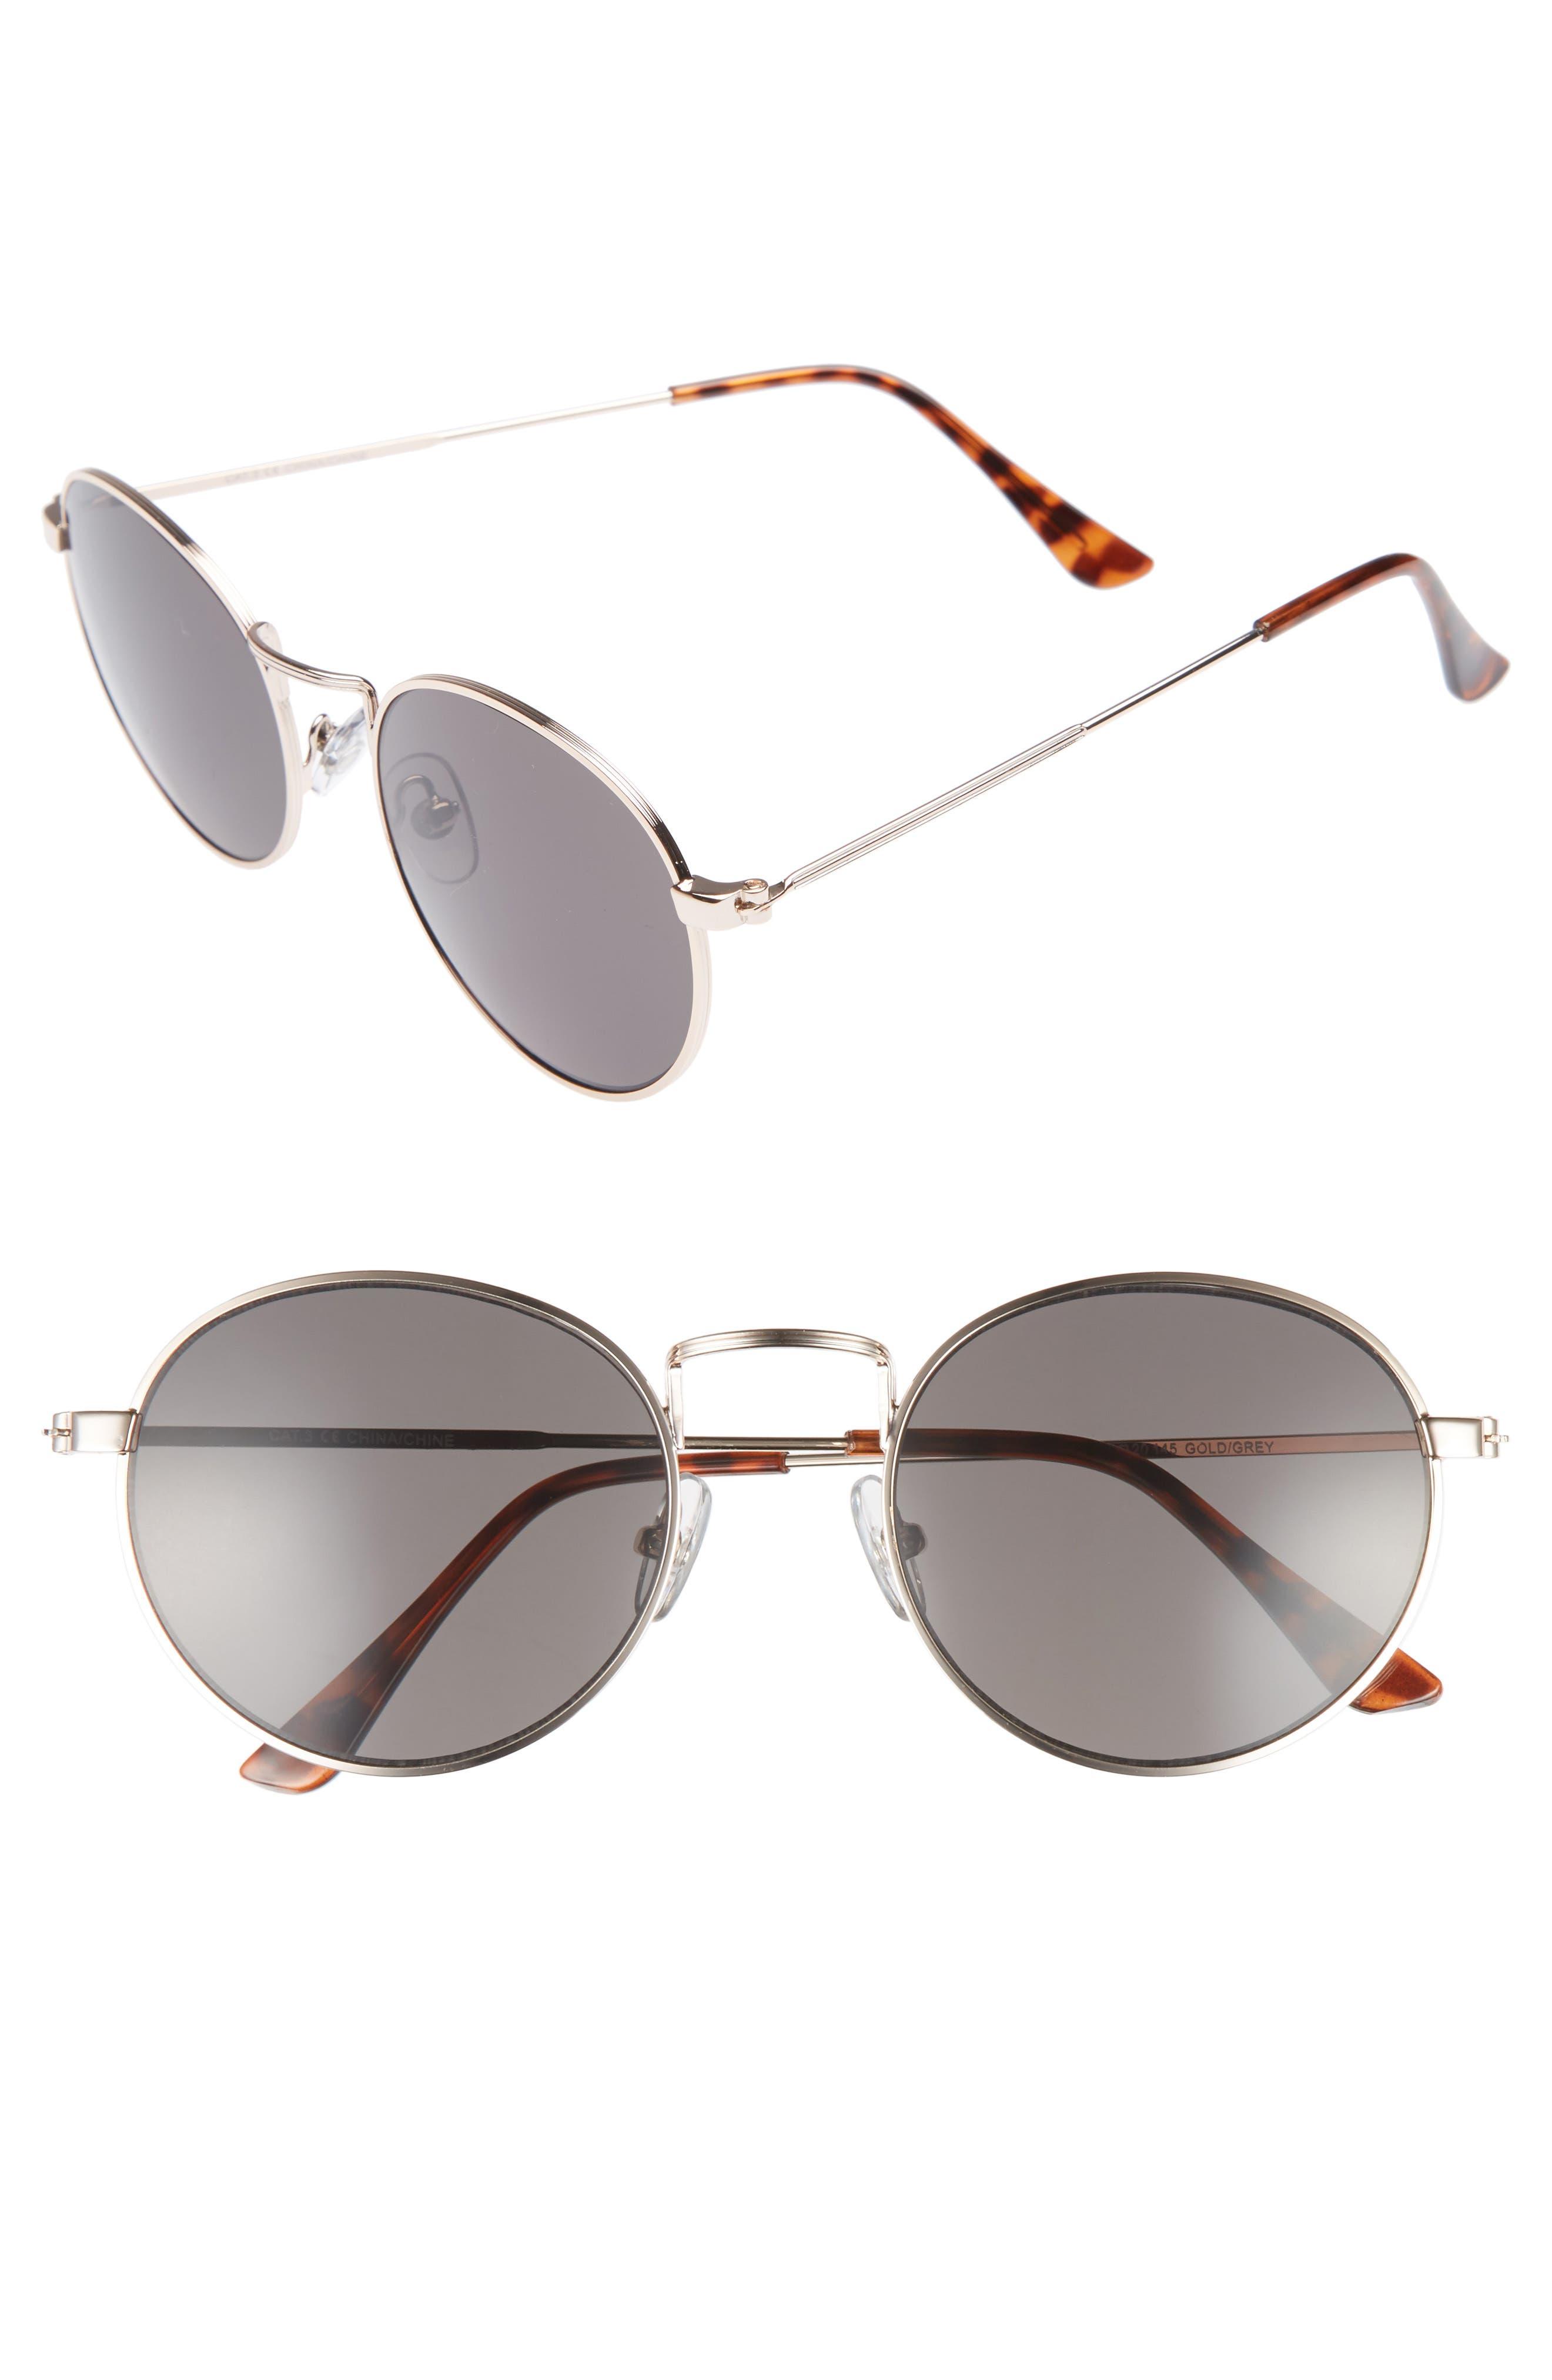 1901 Lewis 54mm Round Sunglasses